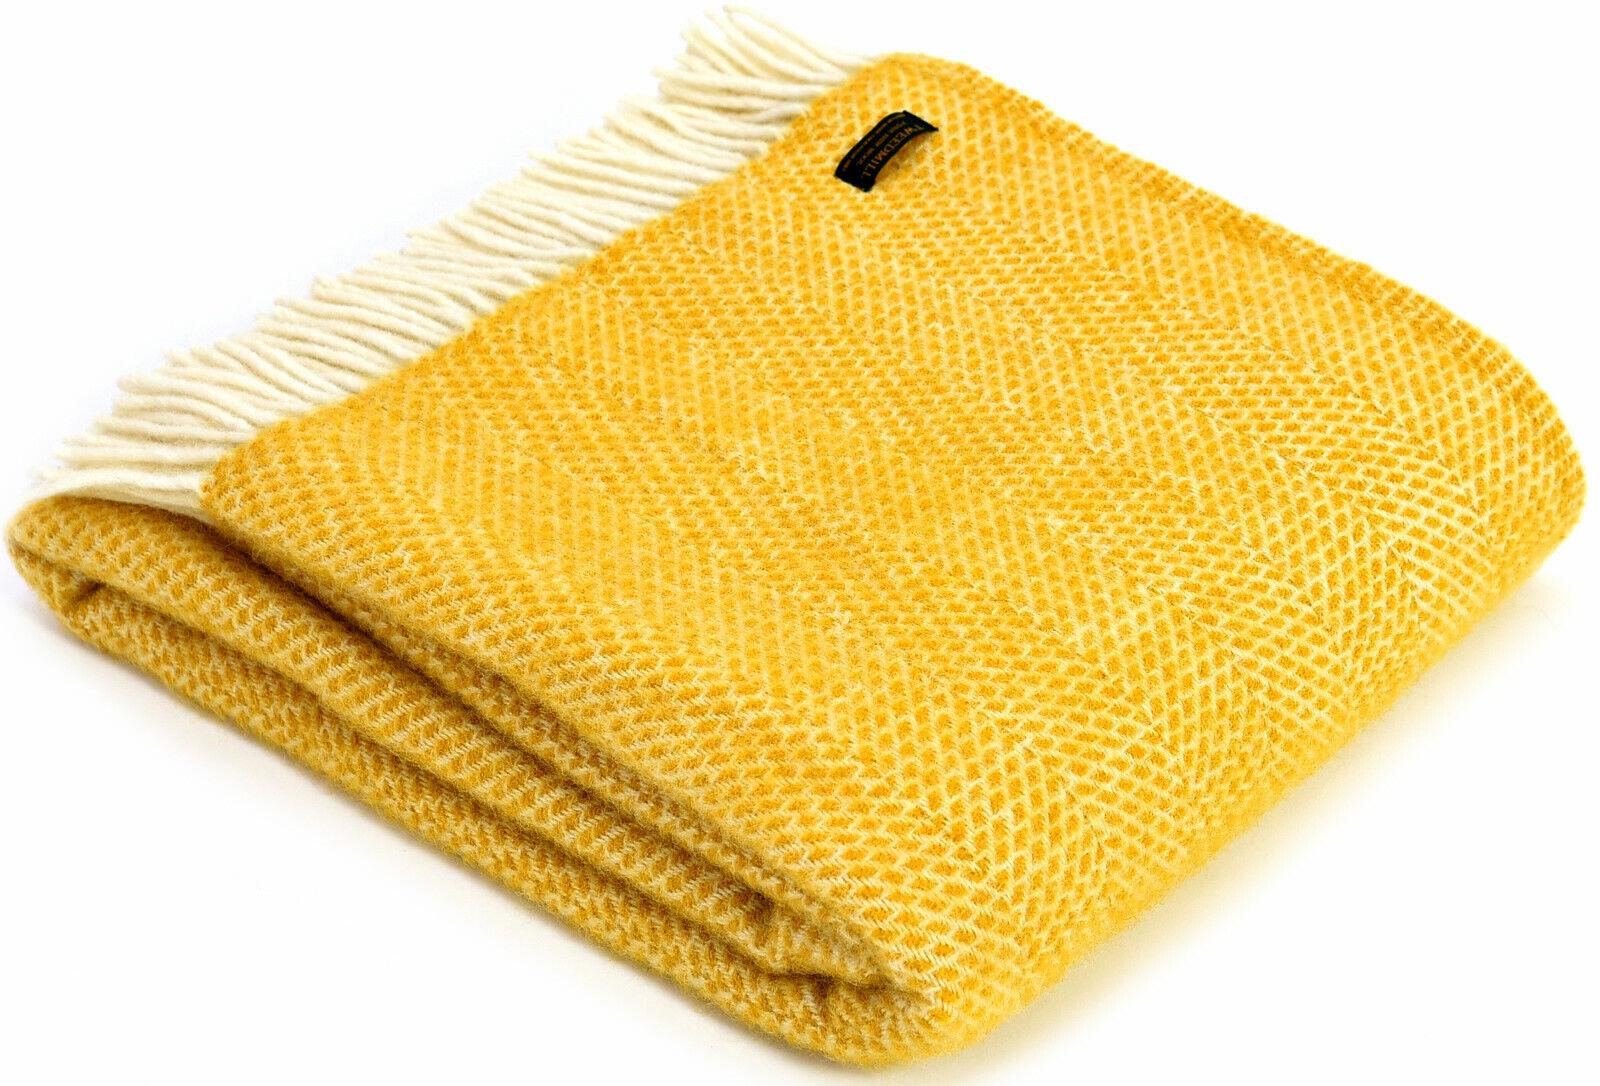 Tweedmill Textiles 100% Lana Nuevo Sofá Cama Manta-Colmena Amarillo